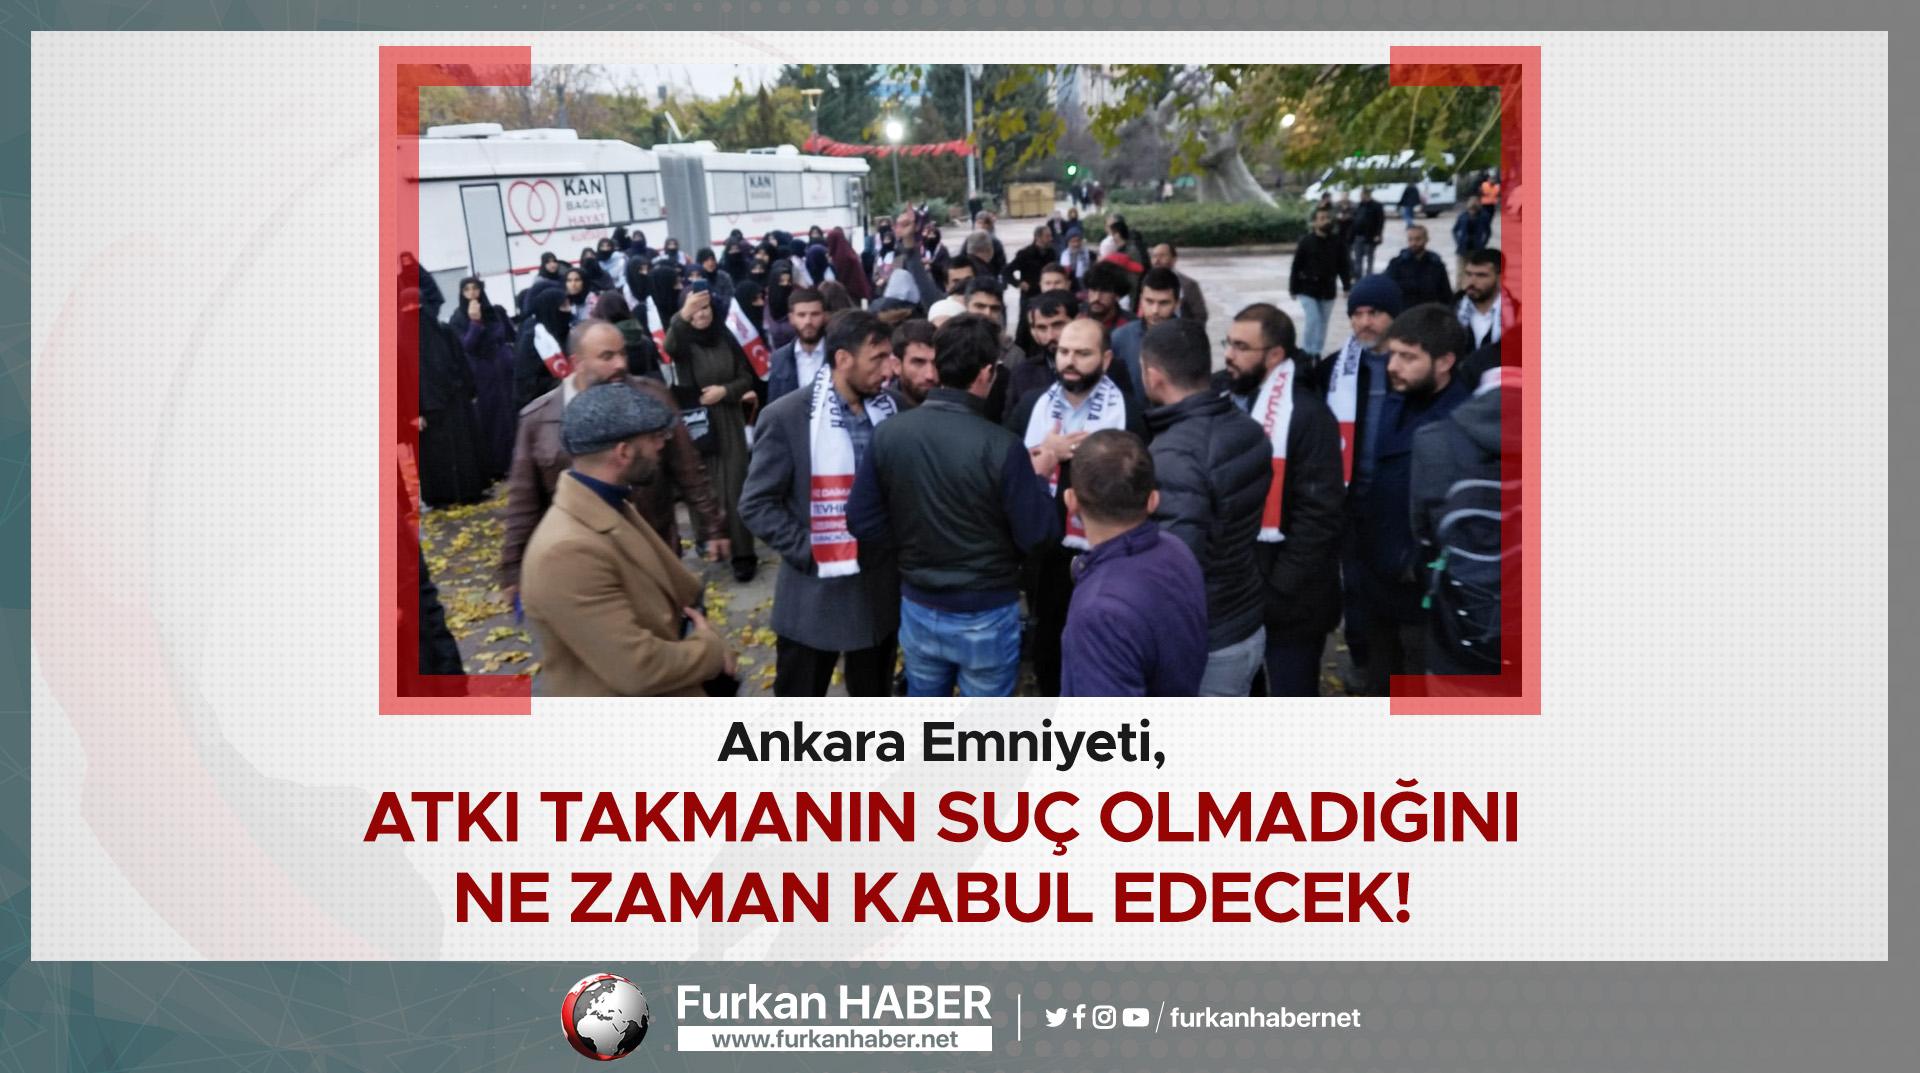 Ankara Emniyeti, Atkı Takmanın Suç Olmadığını Ne zaman Kabul Edecek!